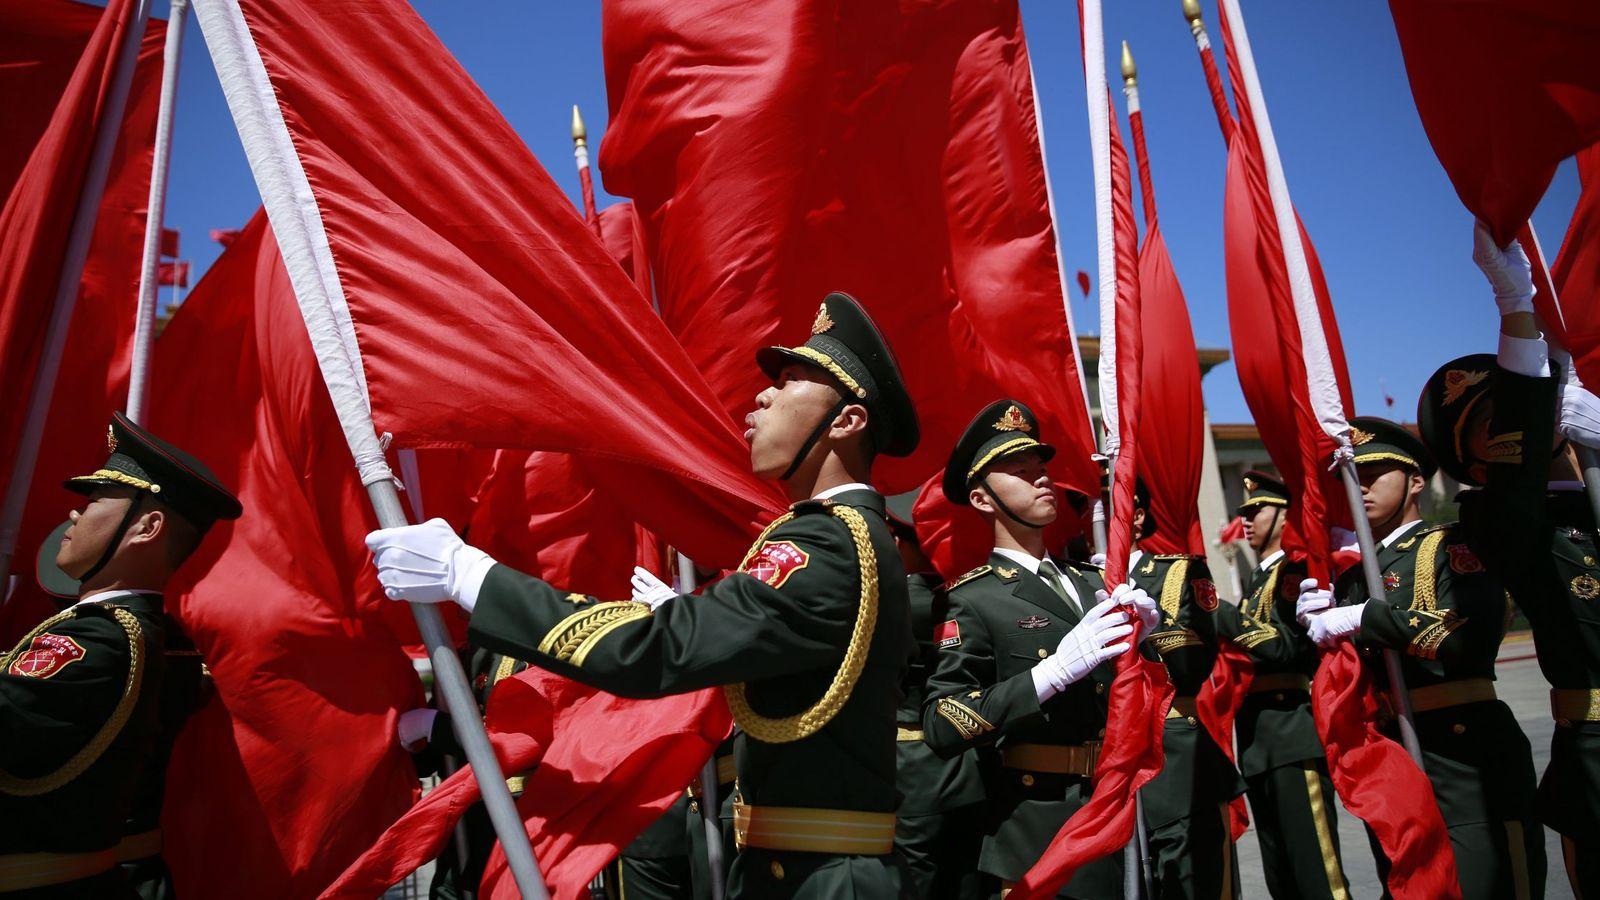 Foto: Guardias de honor se preparan para una visita oficial en Pekín, el 13 de mayo de 2017. (EFE)